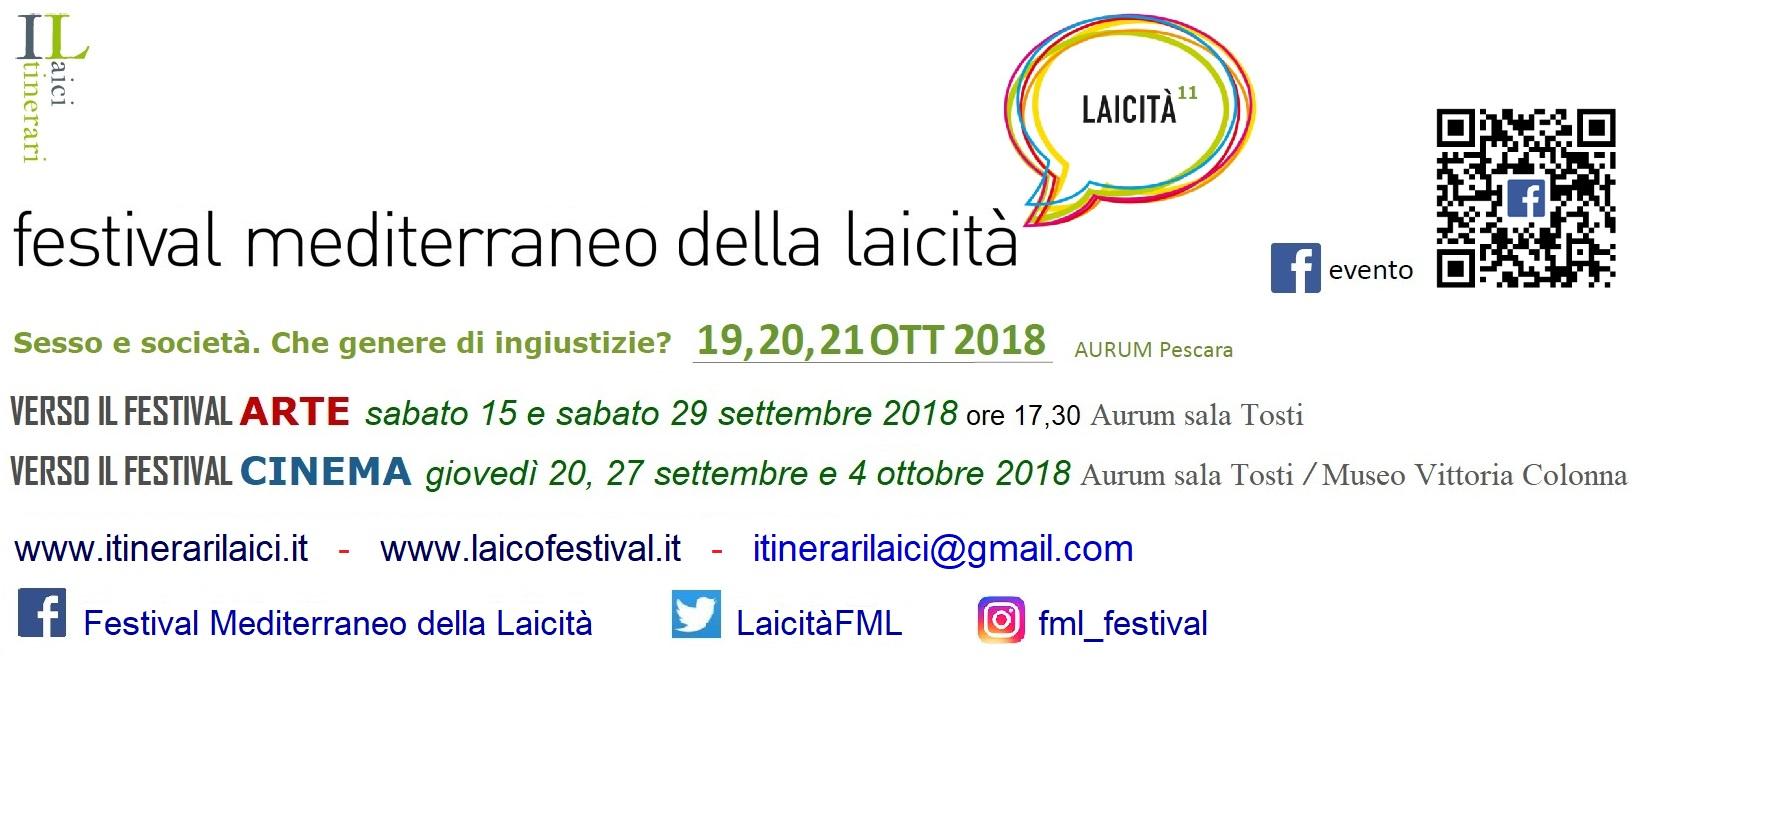 Al via la XI edizione del Festival mediterraneo della laicità